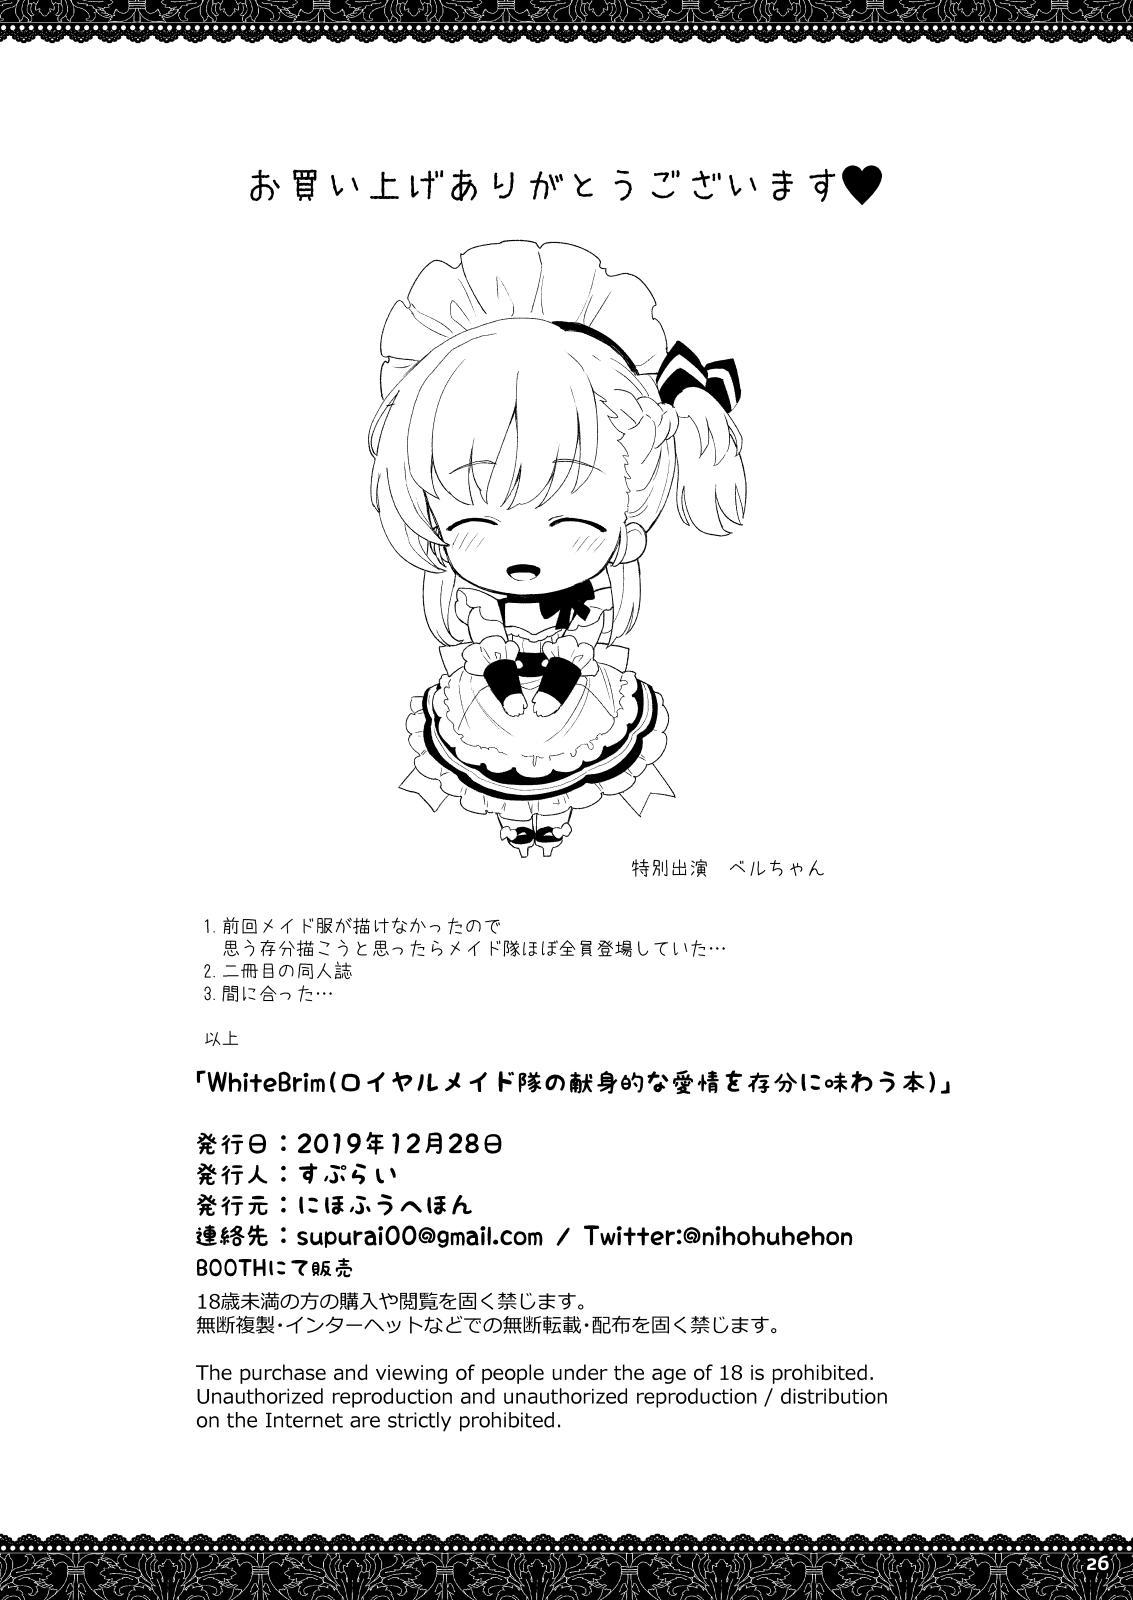 [Nihohuhehon (Supurai)] WhiteBrim Royal Maid-tai no Kenshin-Tekina Aijou o Zonbun ni Ajiwau Hon (Azur Lane) [Digital] 24